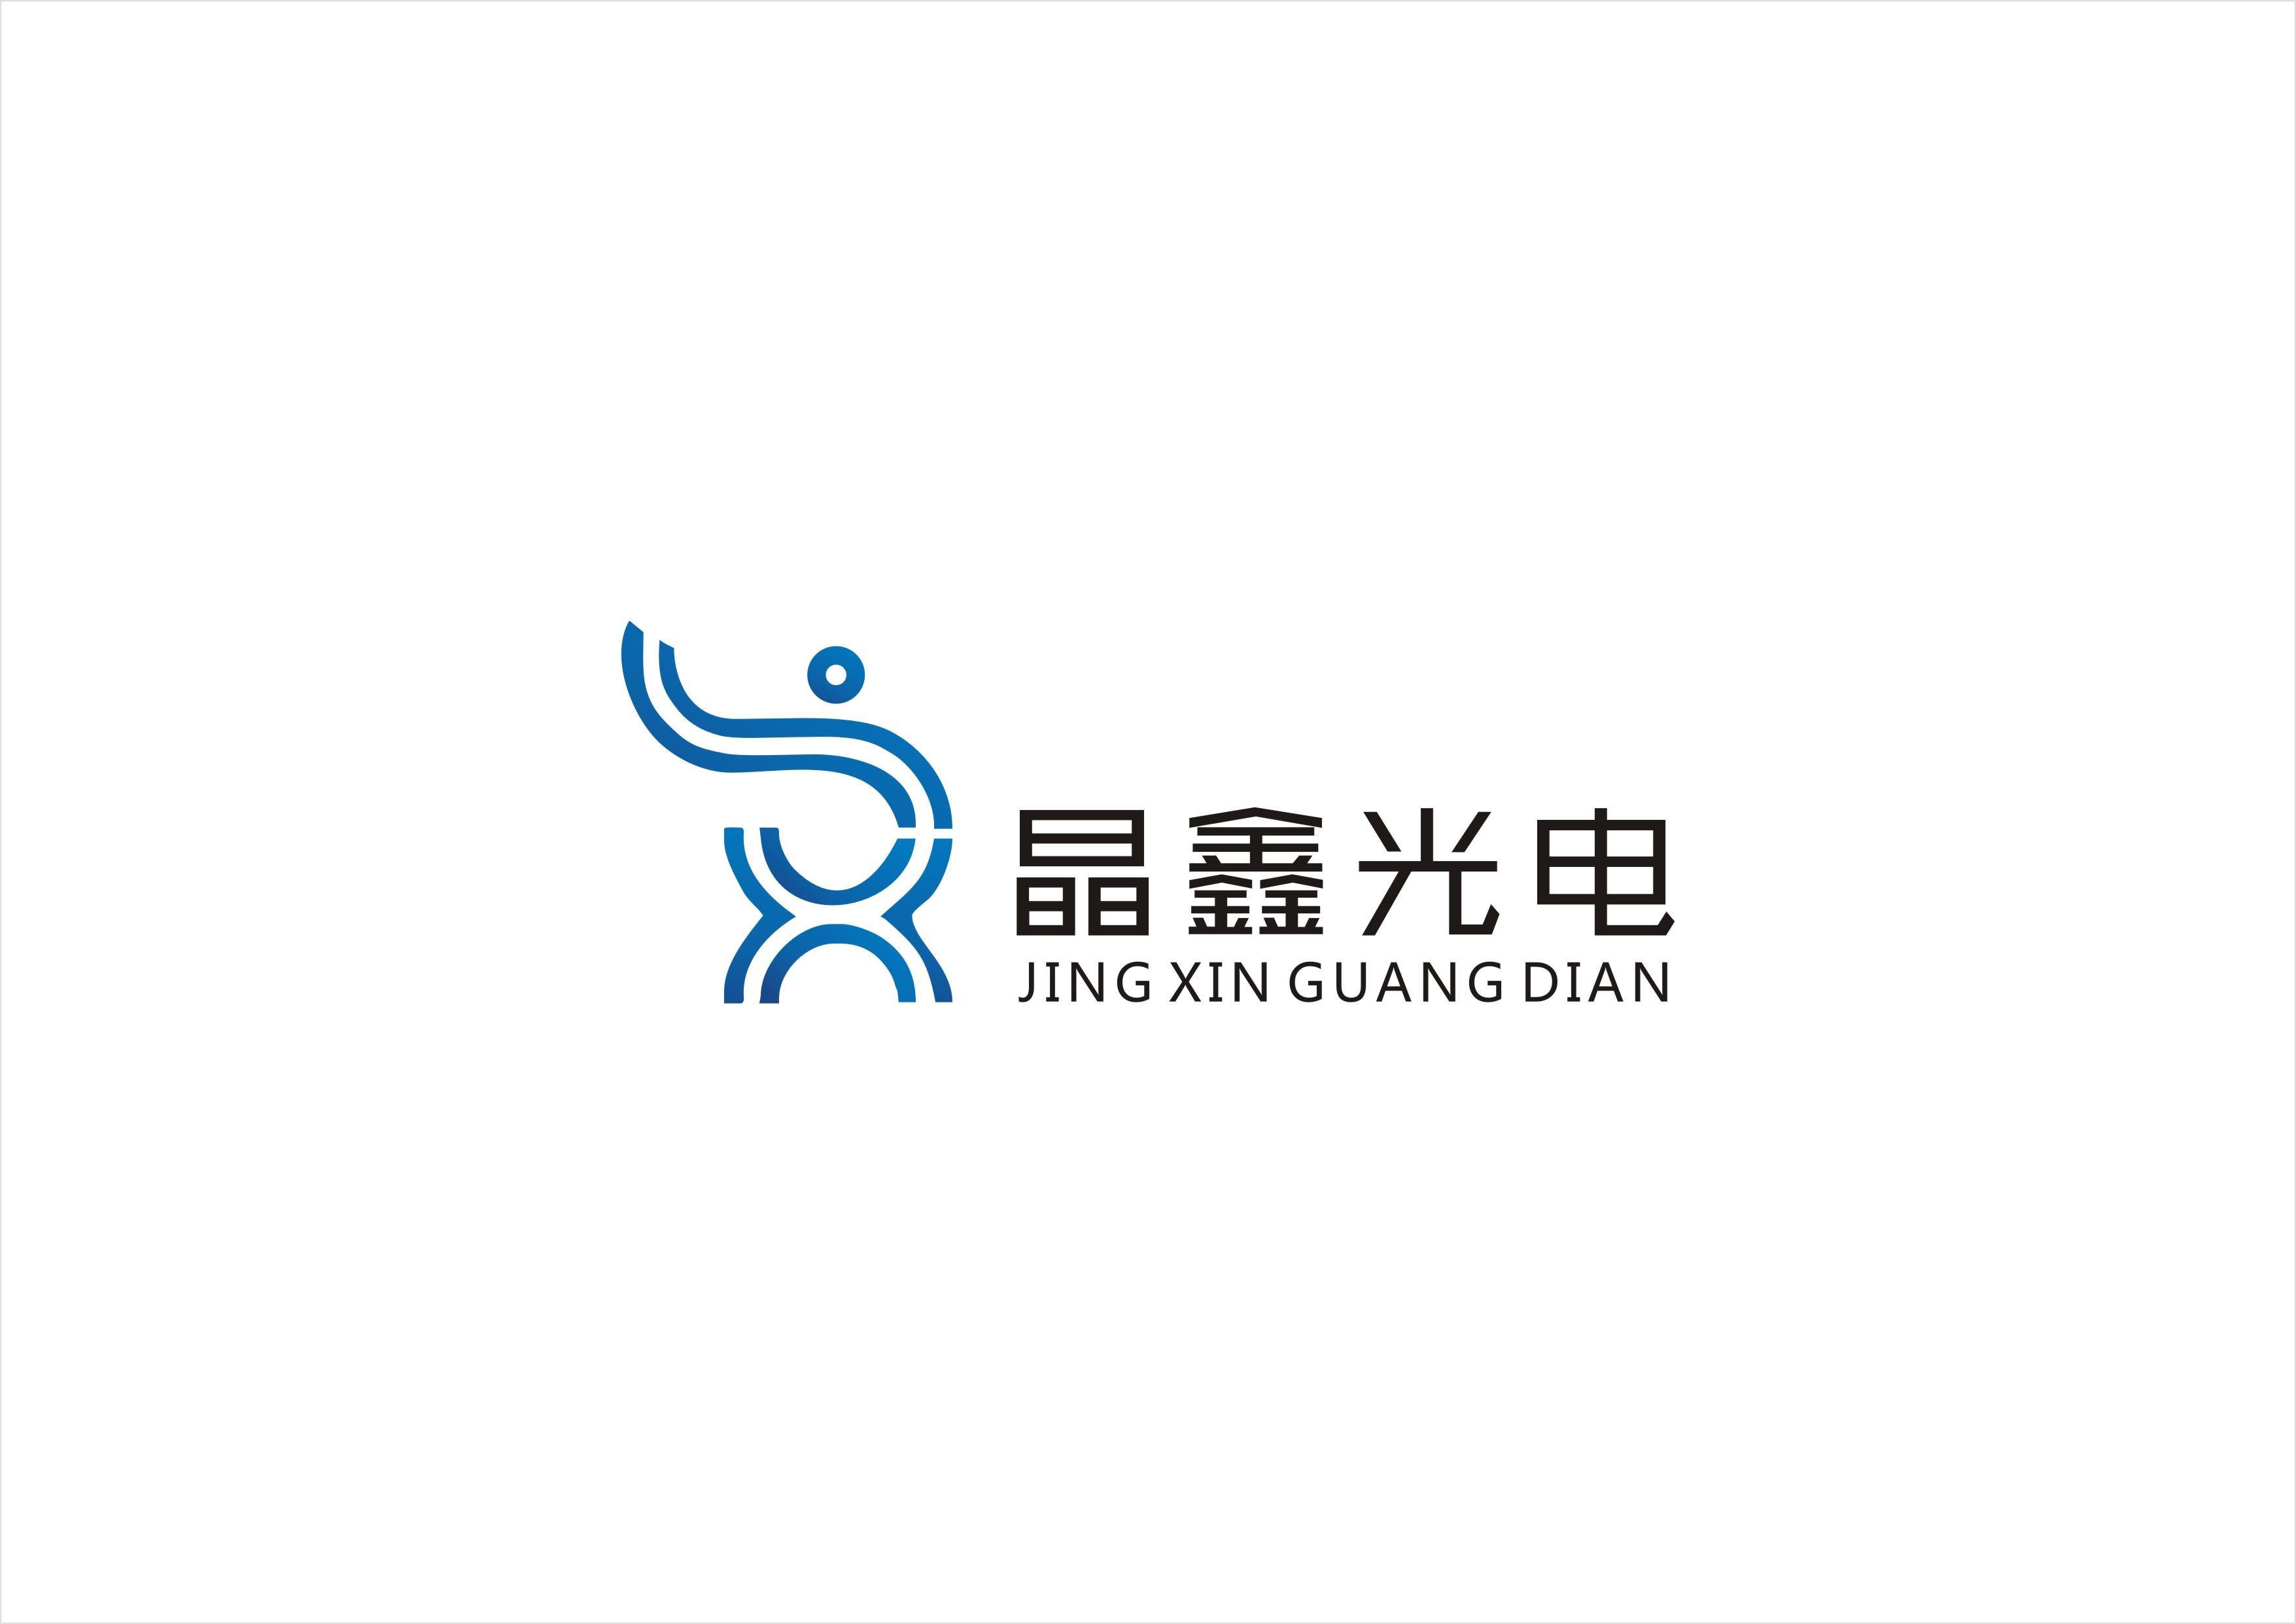 东莞市晶鑫光电科技有限公司.